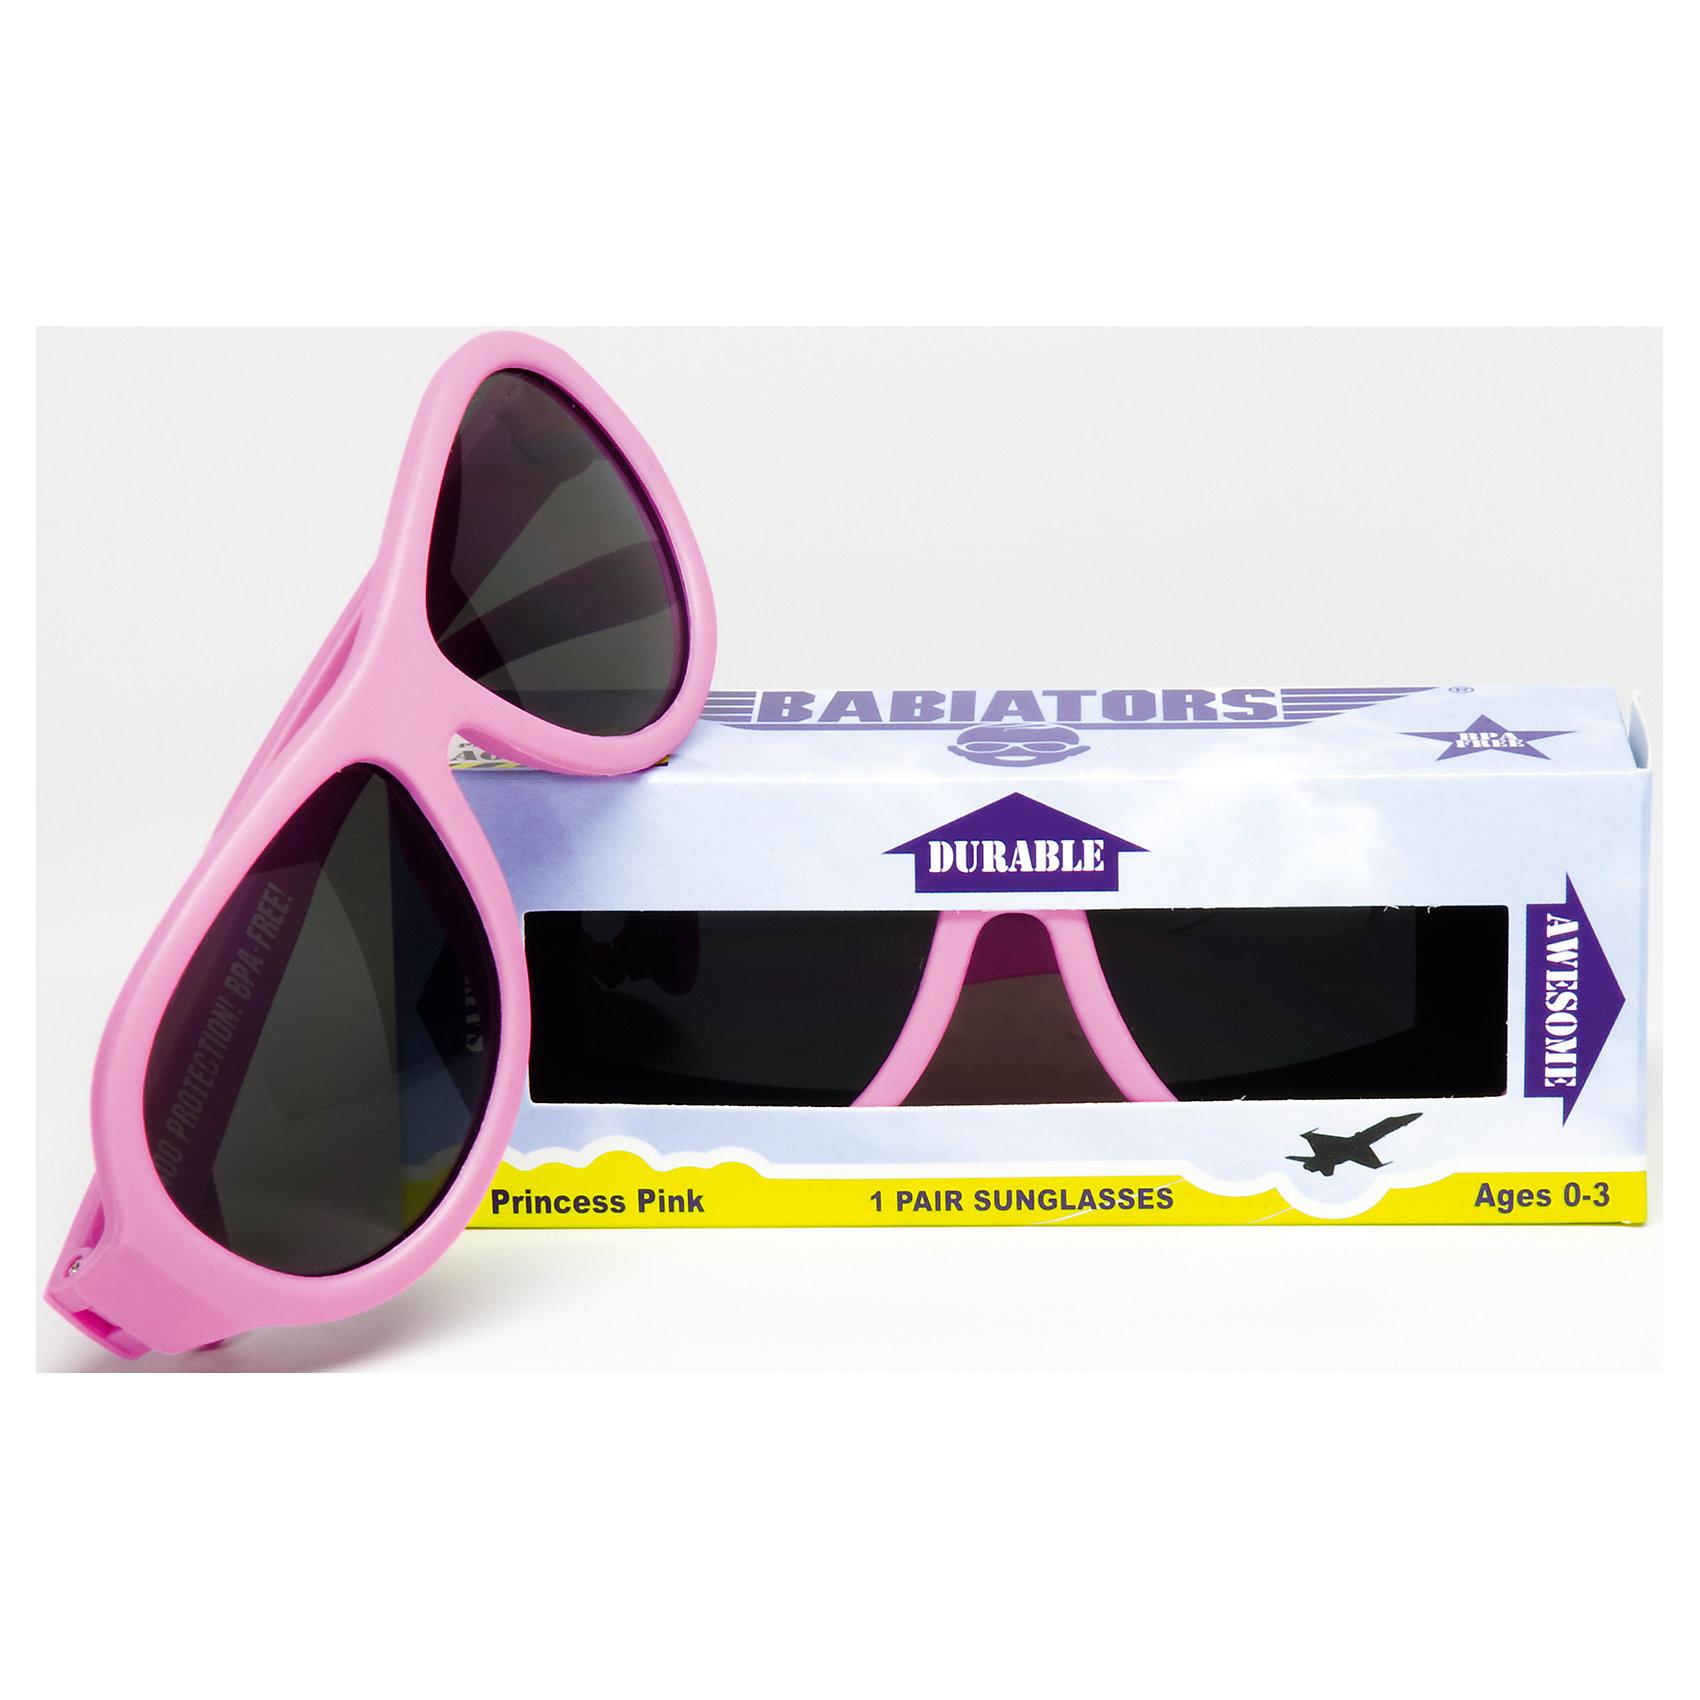 Солнцезащитные очки Babiators OriginalЗащита глаз всегда в моде.<br>Вы делаете все возможное, чтобы ваши дети были здоровы и в безопасности. Шлемы для езды на велосипеде, солнцезащитный крем для прогулок на солнце. Но как насчёт влияния солнца на глазах вашего ребёнка? Правда в том, что сетчатка глаза у детей развивается вместе с самим ребёнком. Это означает, что глаза малышей не могут отфильтровать УФ-излучение. Добавьте к этому тот факт, что дети за год получают трёхкратную дозу солнечного воздействия на взрослого человека (доклад Vision Council Report 2013, США). Проблема понятна - детям нужна настоящая защита, чтобы глазка были в безопасности, а зрение сильным.<br>Каждая пара солнцезащитных очков Babiators для детей обеспечивает 100% защиту от UVA и UVB. Прочные линзы высшего качества не подведут в самых сложных переделках. Будьте уверены, что очки Babiators созданы безопасными, прочными и классными, так что вы и ваш маленький лётчик можете приступать к своим приключениям!<br><br>• Прочная, гибкая прорезиненная оправа;<br>• 100 % защита от UVA и UVB солнечных лучей;<br>• Ударопрочные линзы;<br>• Стильные: выбор многих голливудских звёзд.<br><br>Ширина мм: 170<br>Глубина мм: 157<br>Высота мм: 67<br>Вес г: 117<br>Возраст от месяцев: 0<br>Возраст до месяцев: 36<br>Пол: Унисекс<br>Возраст: Детский<br>SKU: 4766967